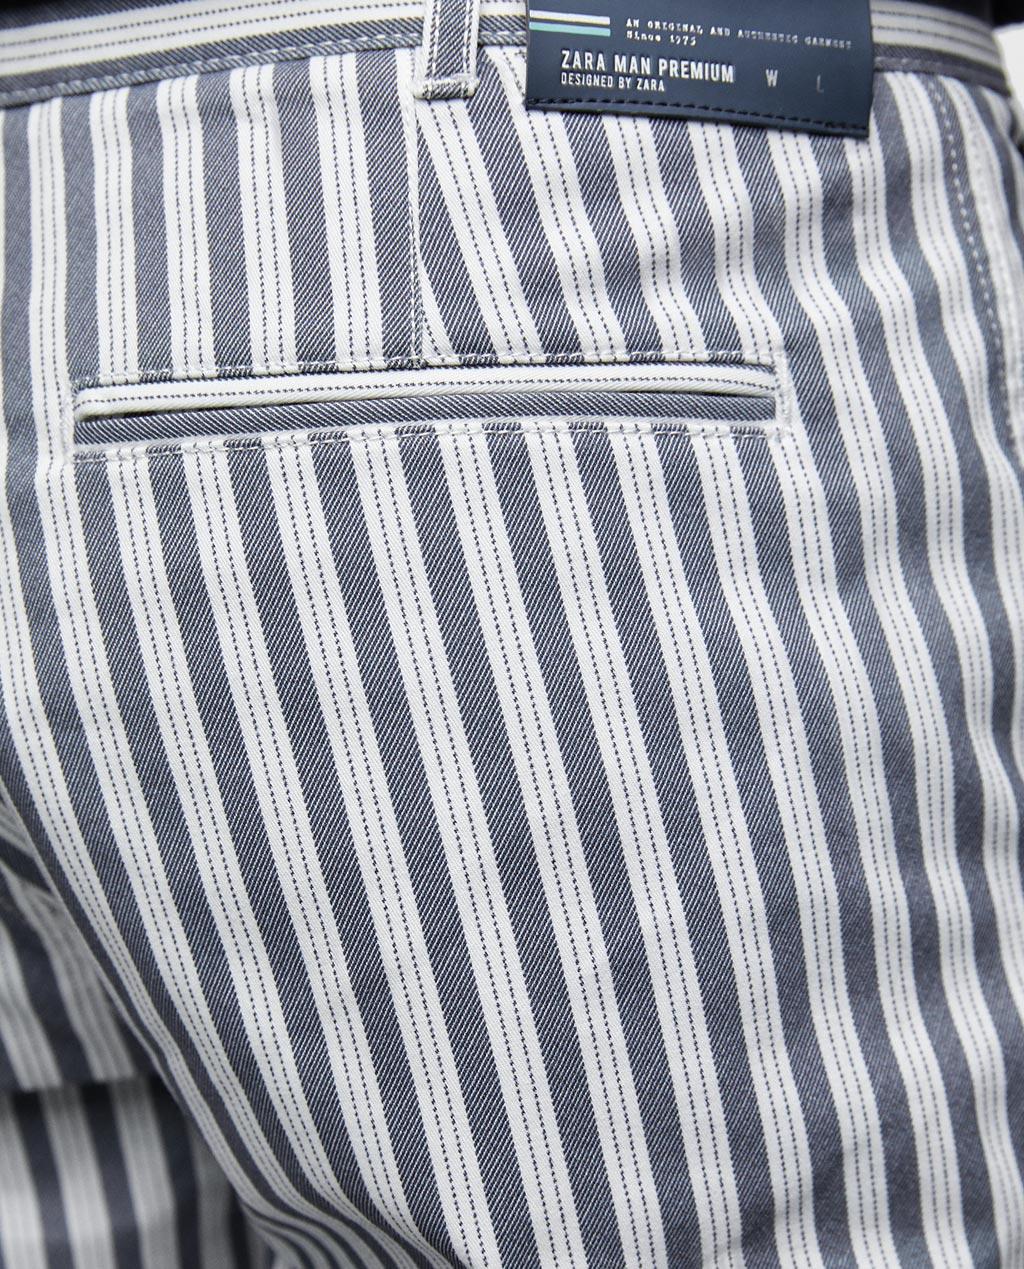 Thời trang nam Zara  24054 - ảnh 7